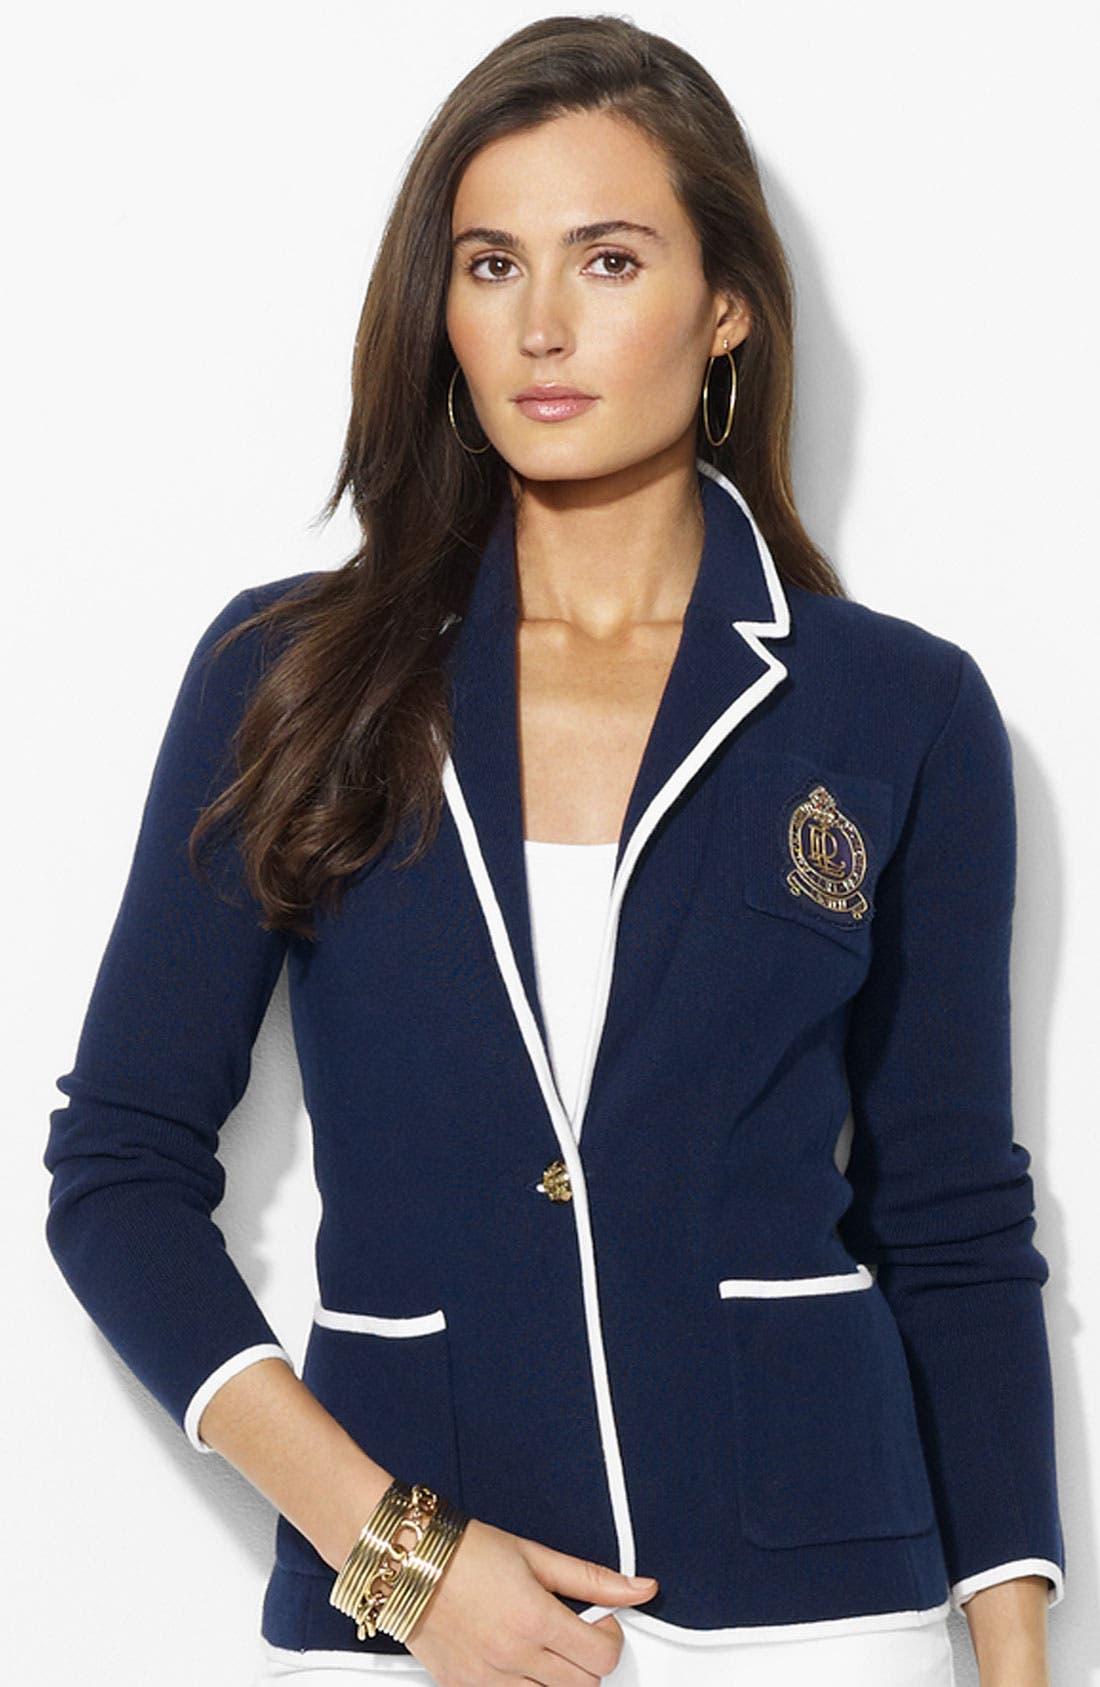 Alternate Image 1 Selected - Lauren Ralph Lauren Crest Pocket Blazer (Petite) (Online Exclusive)